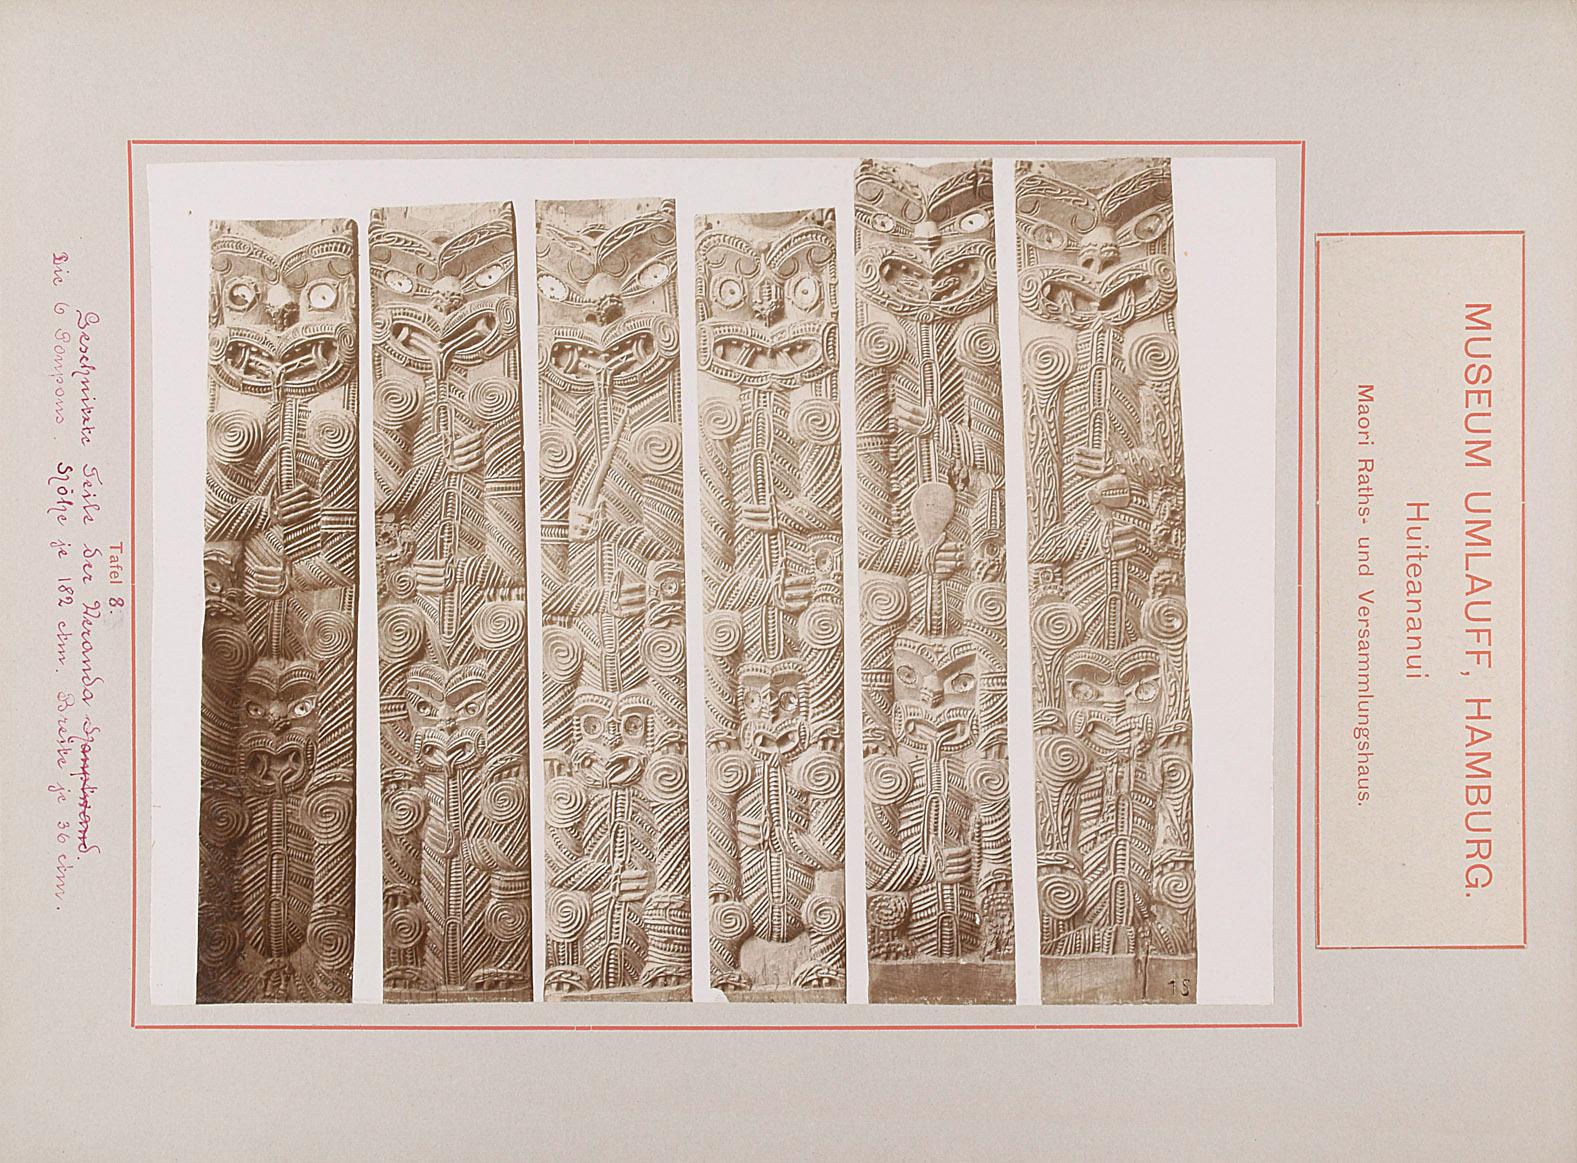 Museum Umlauff, Hamburg. Huiteananui, Maori Raths- und Versammlungshaus: Tafel 8. Geschnitzte Teile der Veranda. Die 6 Poupos, Höhe je 182 cm, Breite je 36 cm von anonym